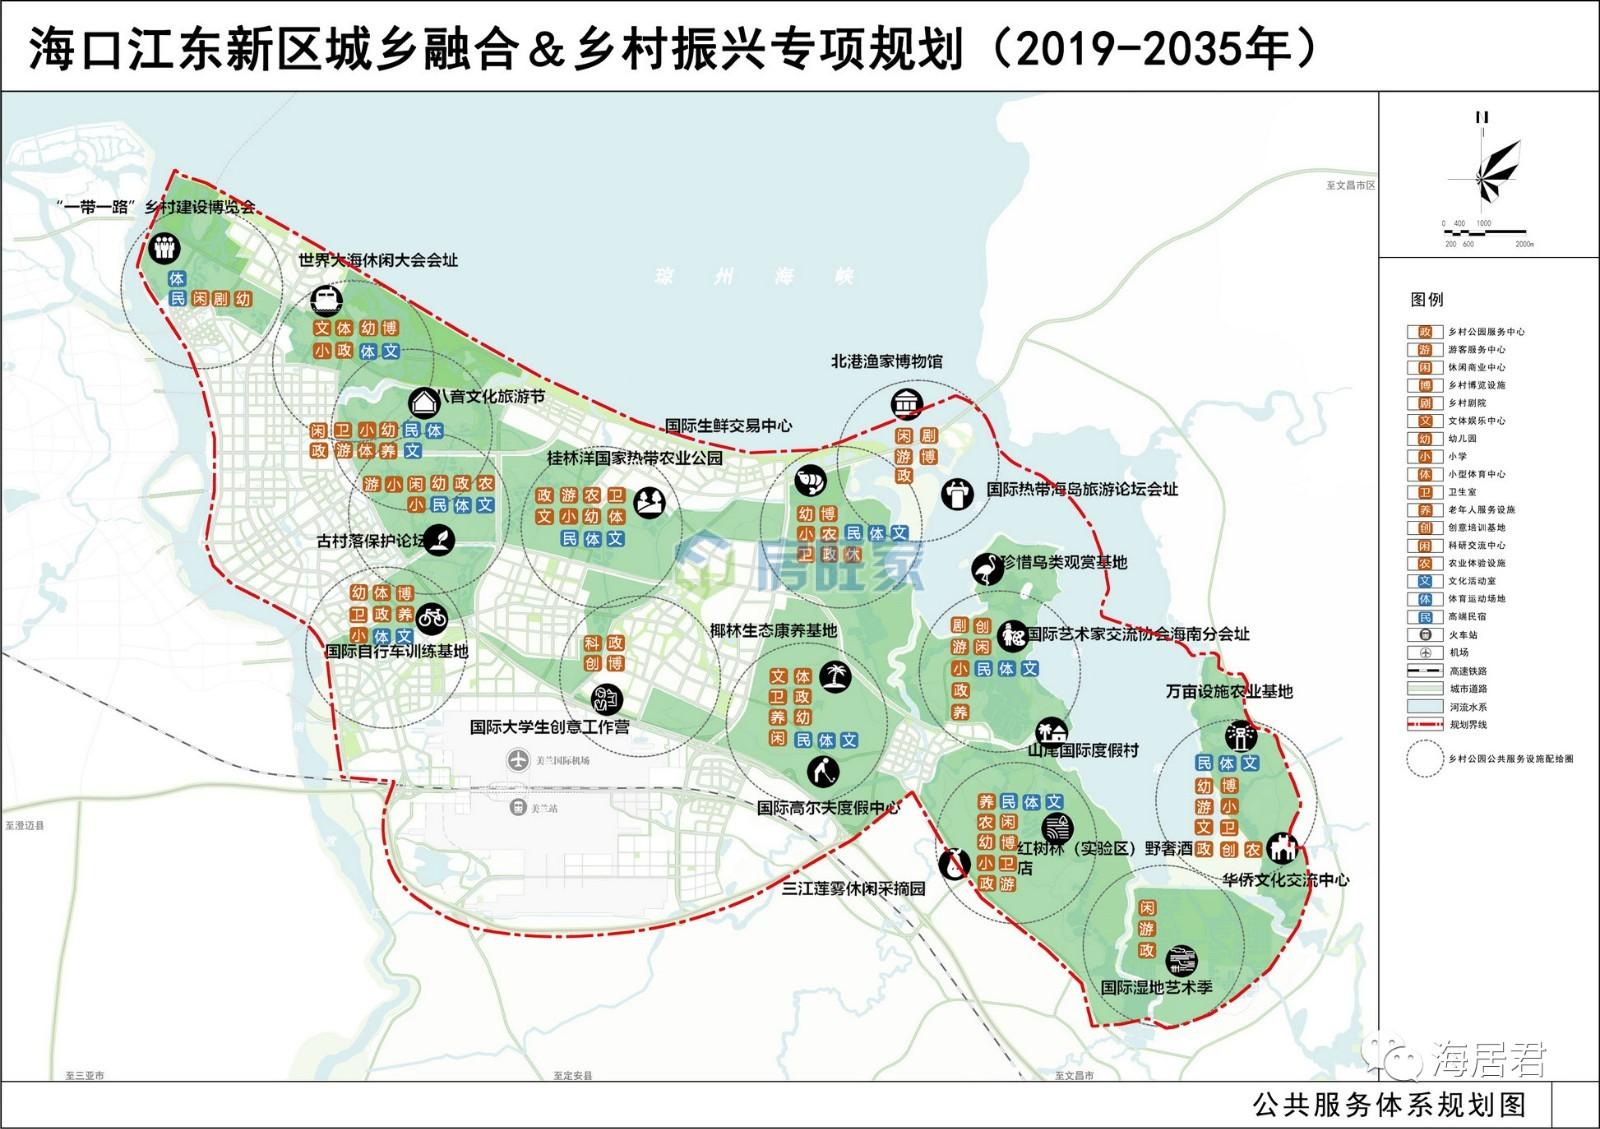 海口江东新区城乡融合&乡村振兴专项规划公共服务体系规划图